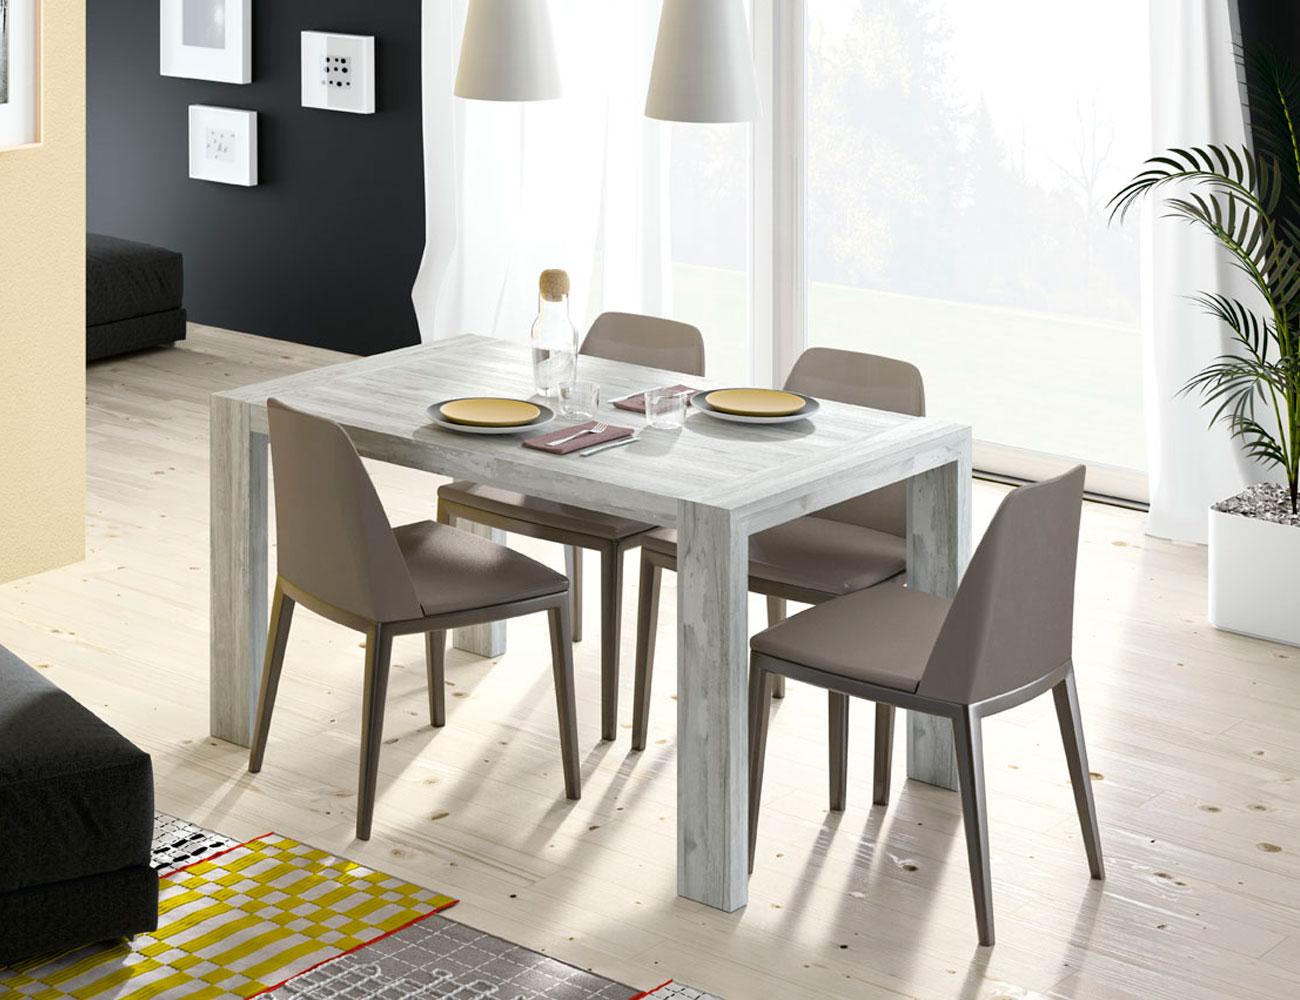 173 mesa rectangular pata deslizante artic